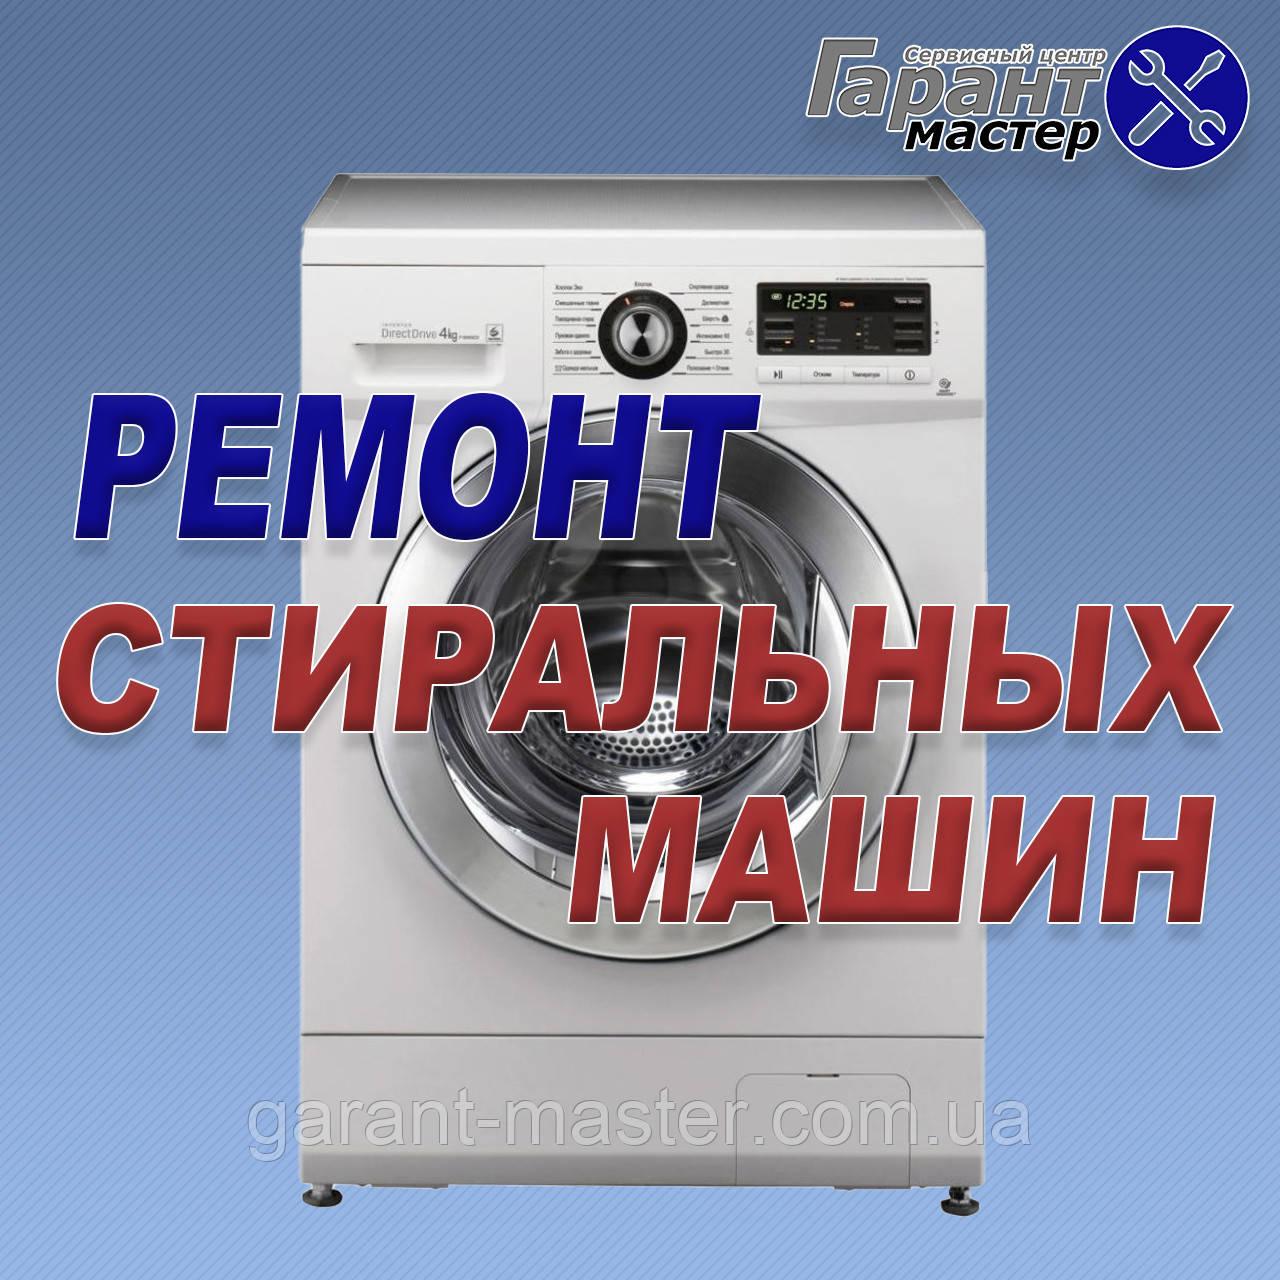 Замена подшипников в стиральной машине в Белой Церкви. Гудит, гремит стиральная машина в Белой Церкви